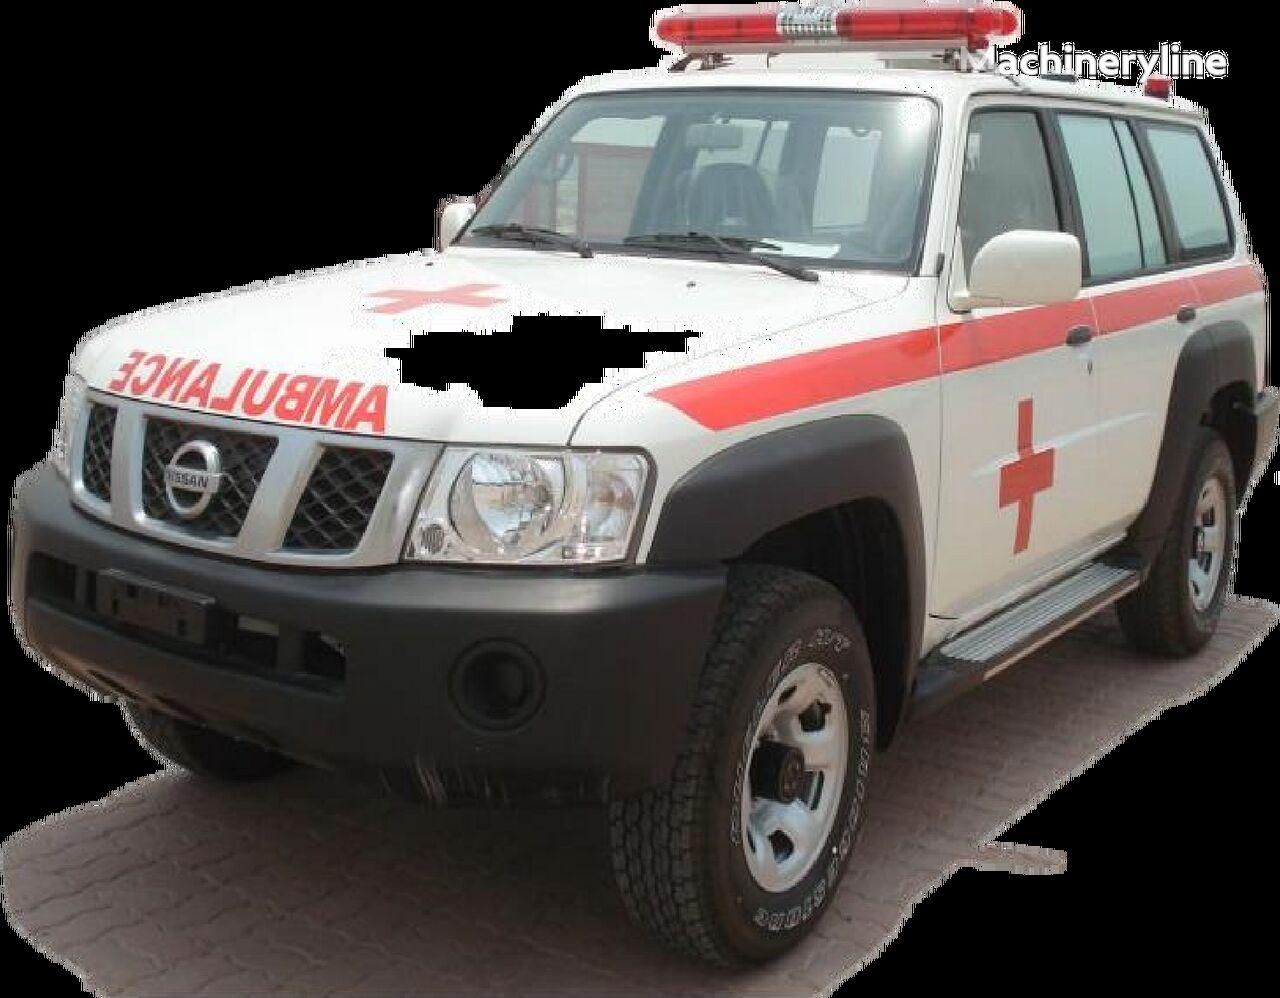 new NISSAN Patrol 4.0 XE AT Petrol ambulance